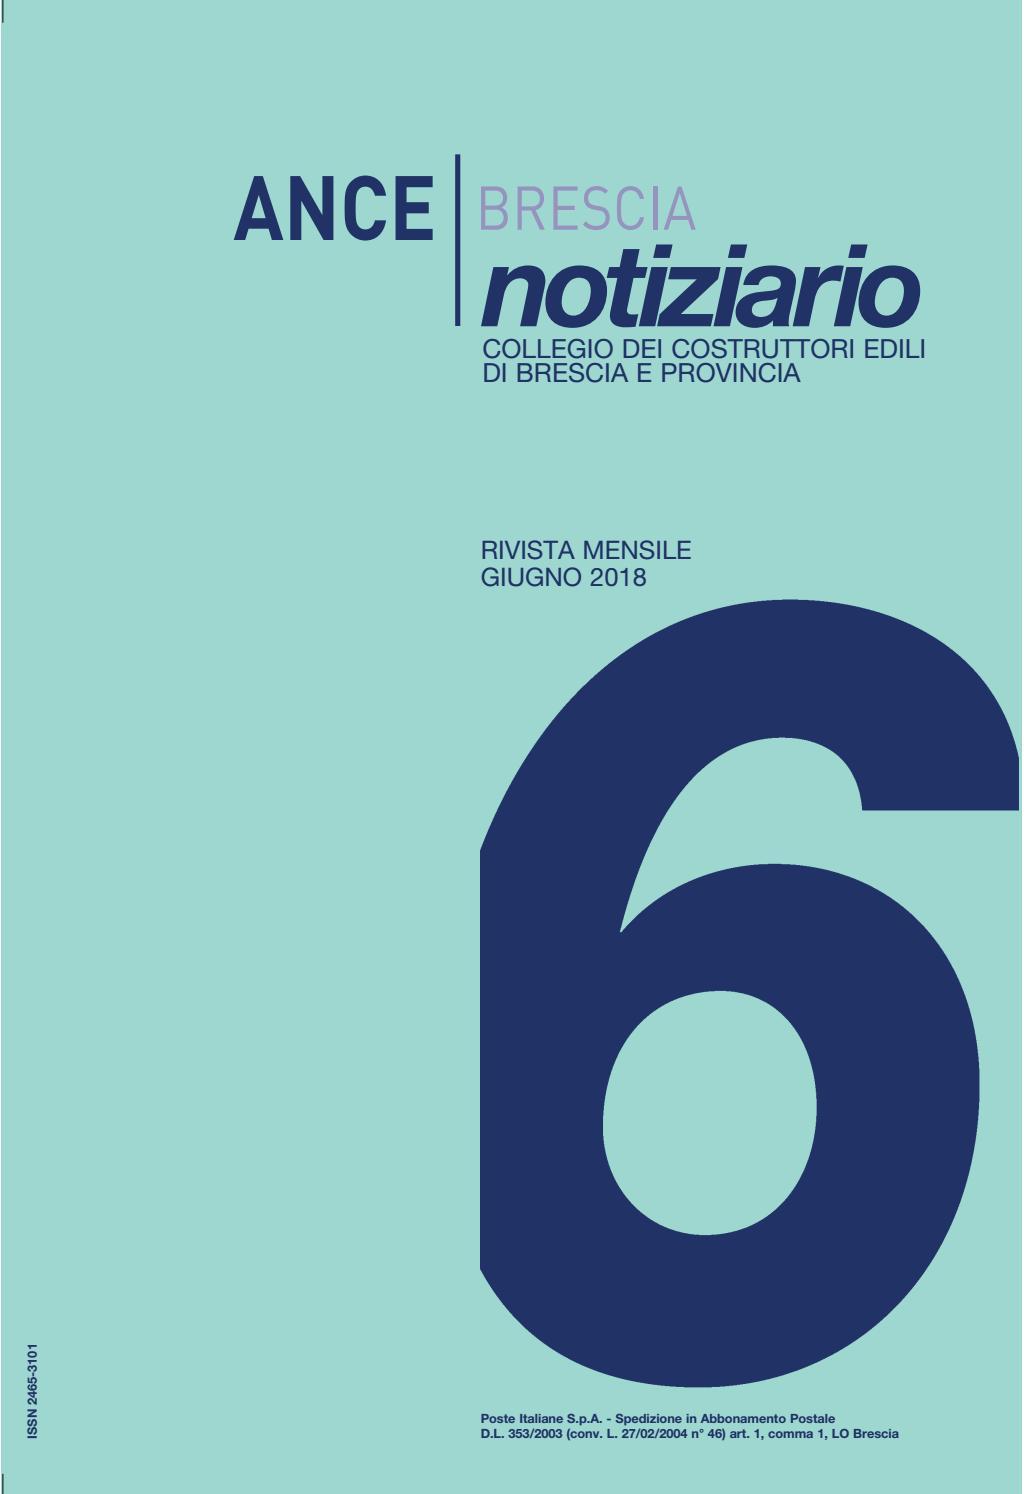 Ance Brescia Notiziario giugno 2018 by Ance Brescia - issuu